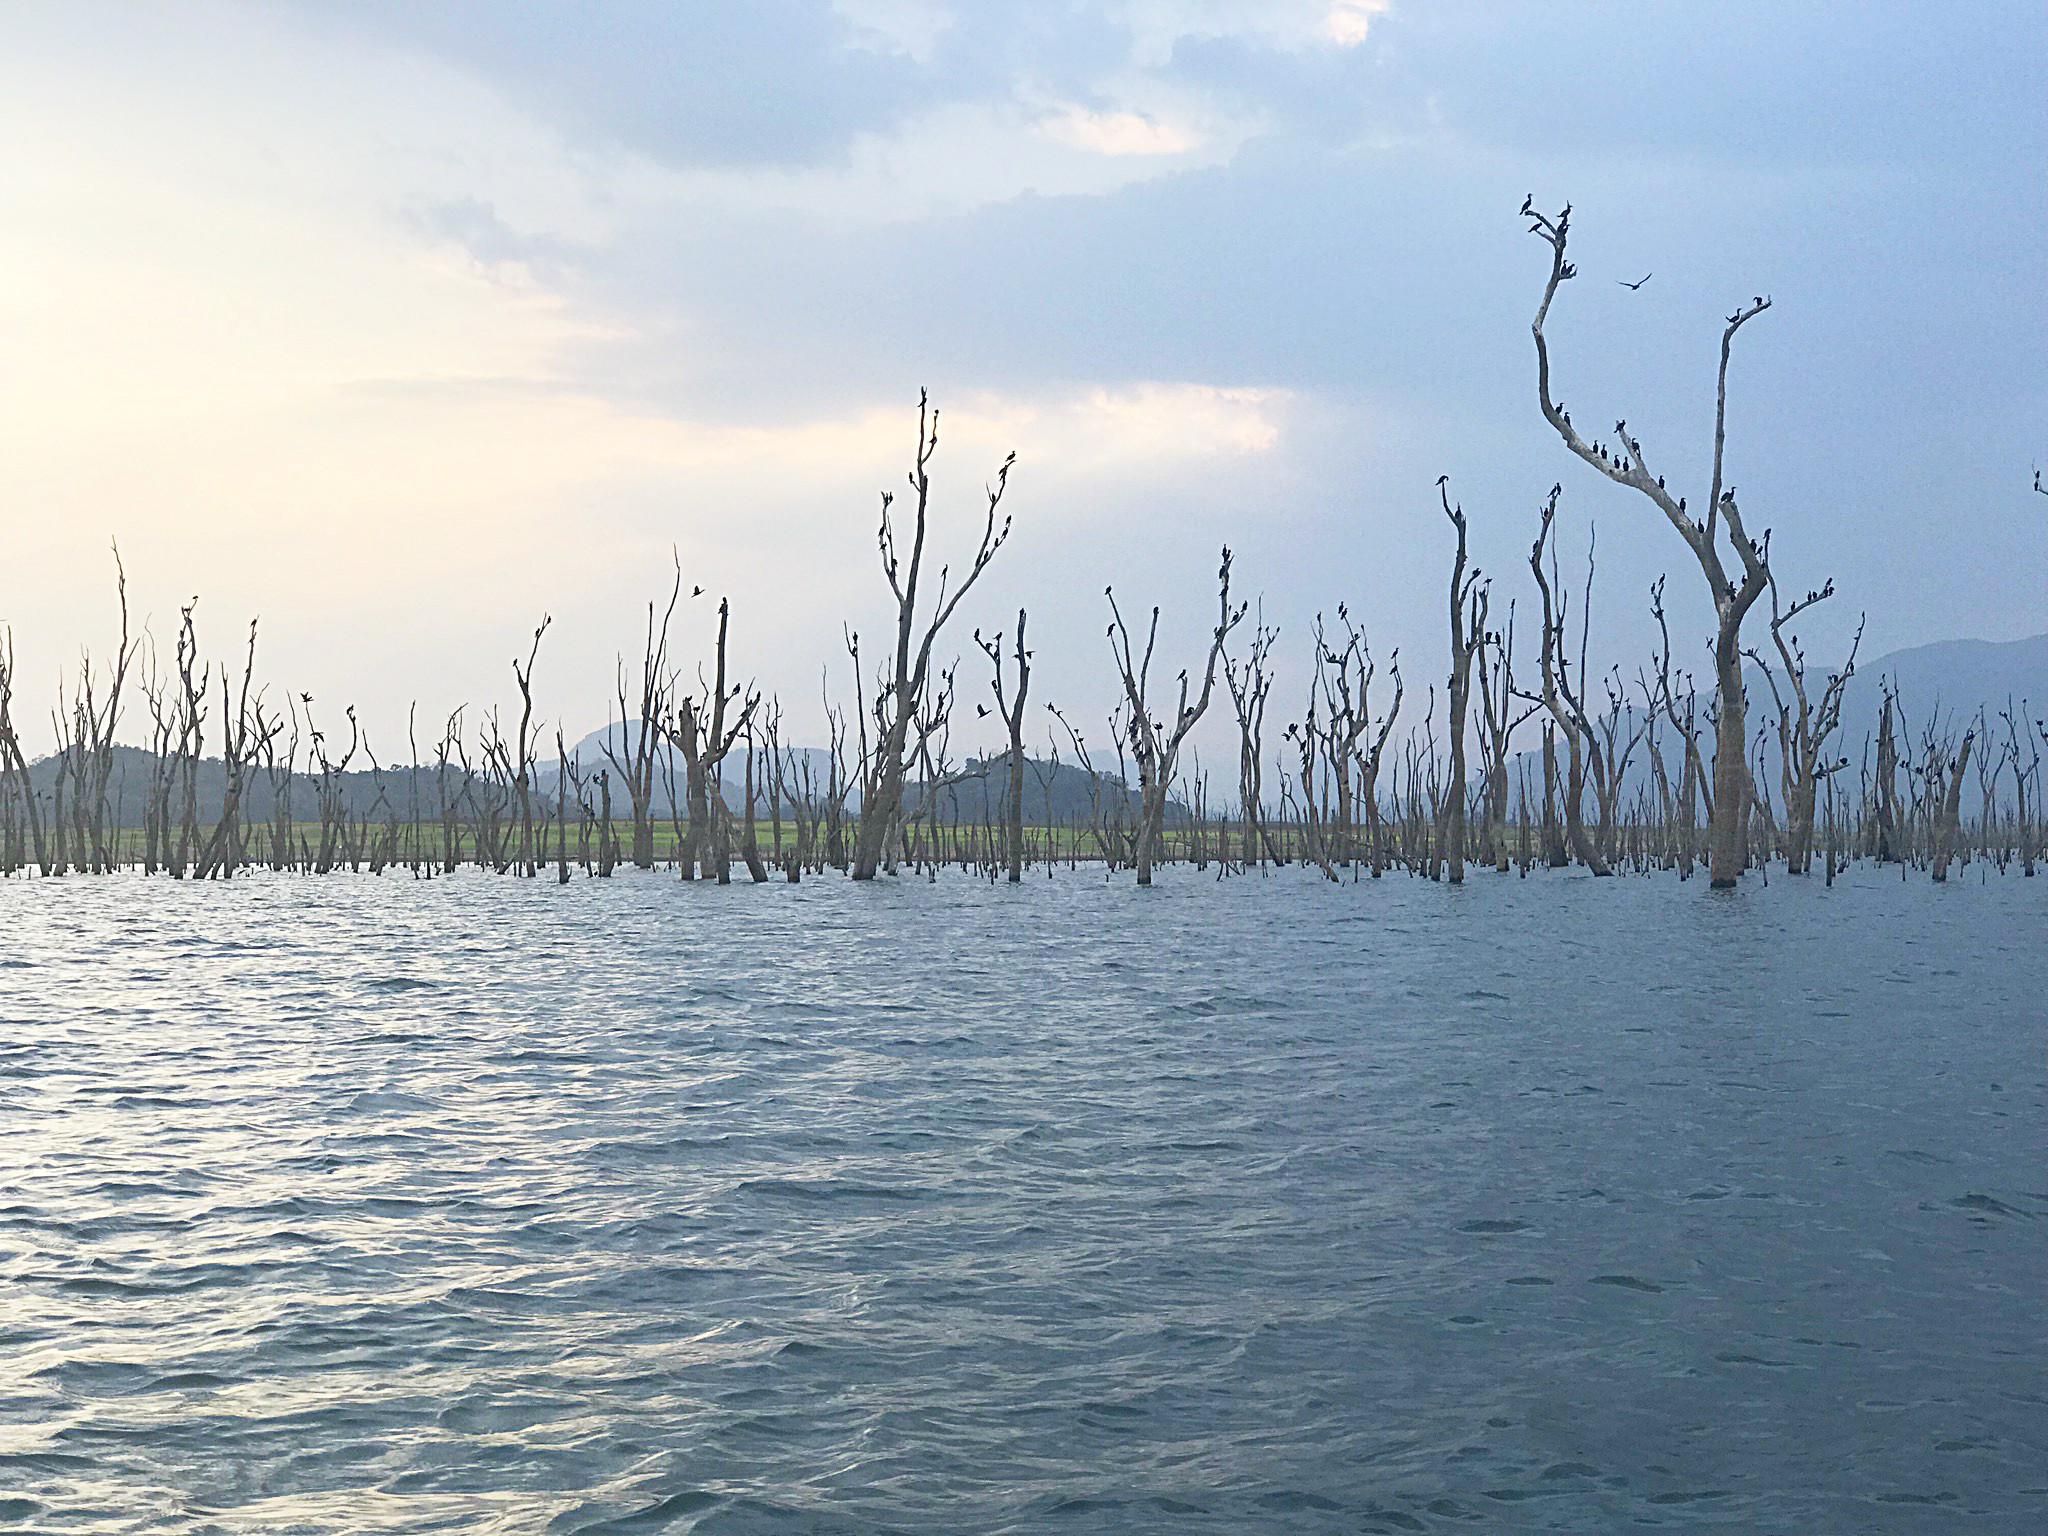 Bizarr - die Bäume im Wasser im Gal Oya National Park...